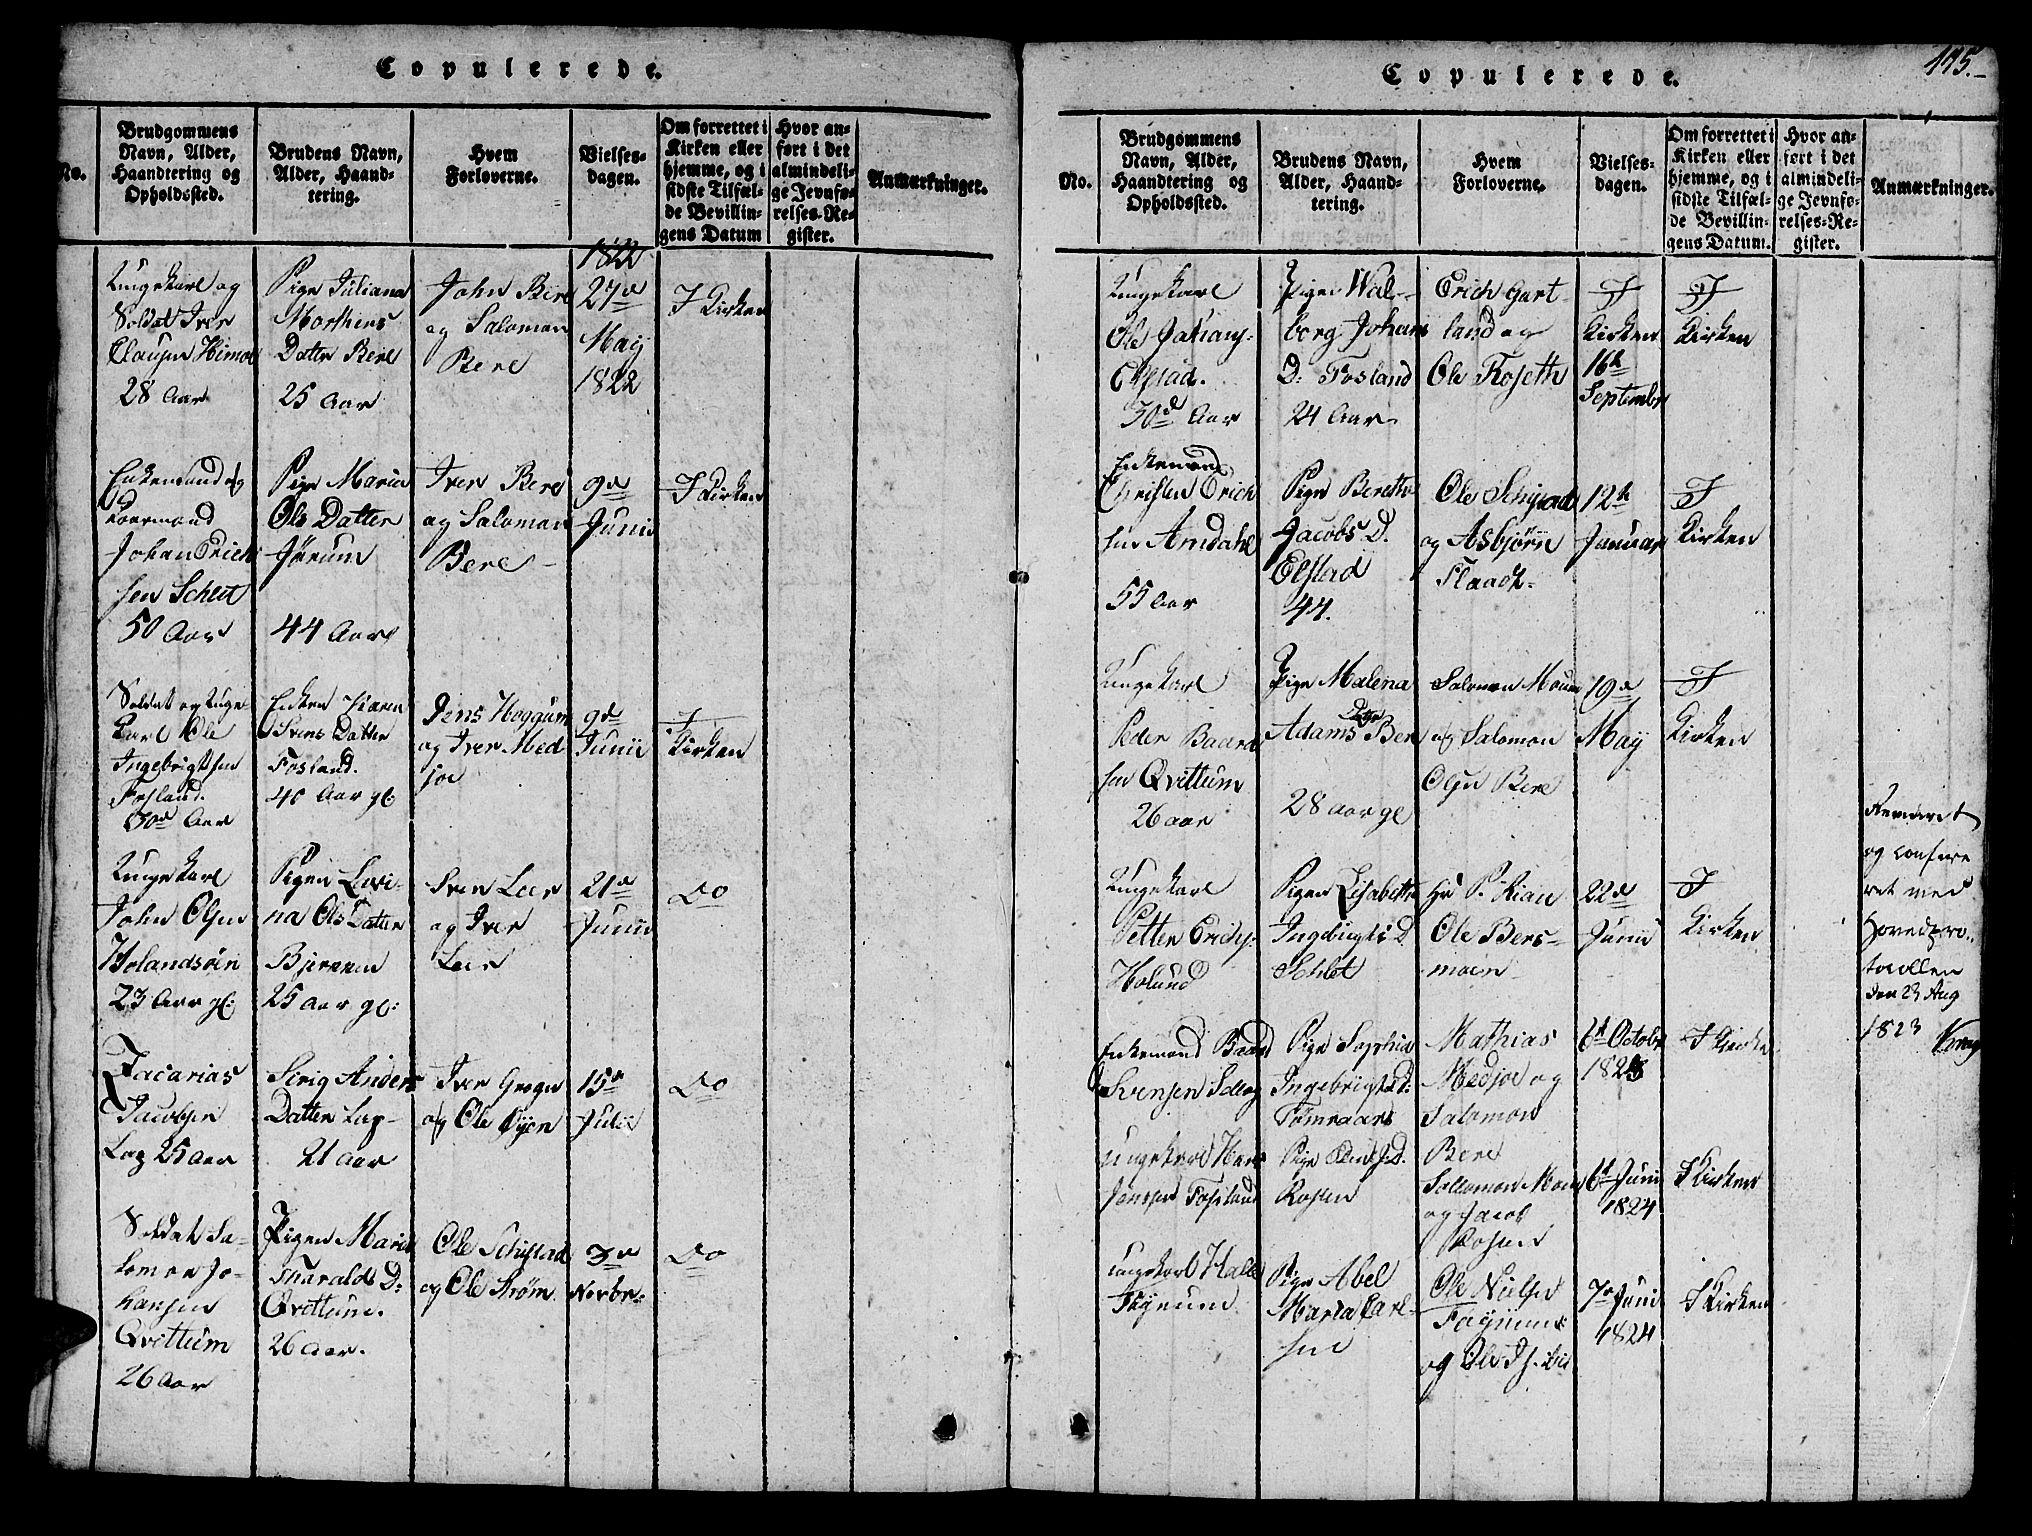 SAT, Ministerialprotokoller, klokkerbøker og fødselsregistre - Nord-Trøndelag, 758/L0521: Klokkerbok nr. 758C01, 1816-1825, s. 115